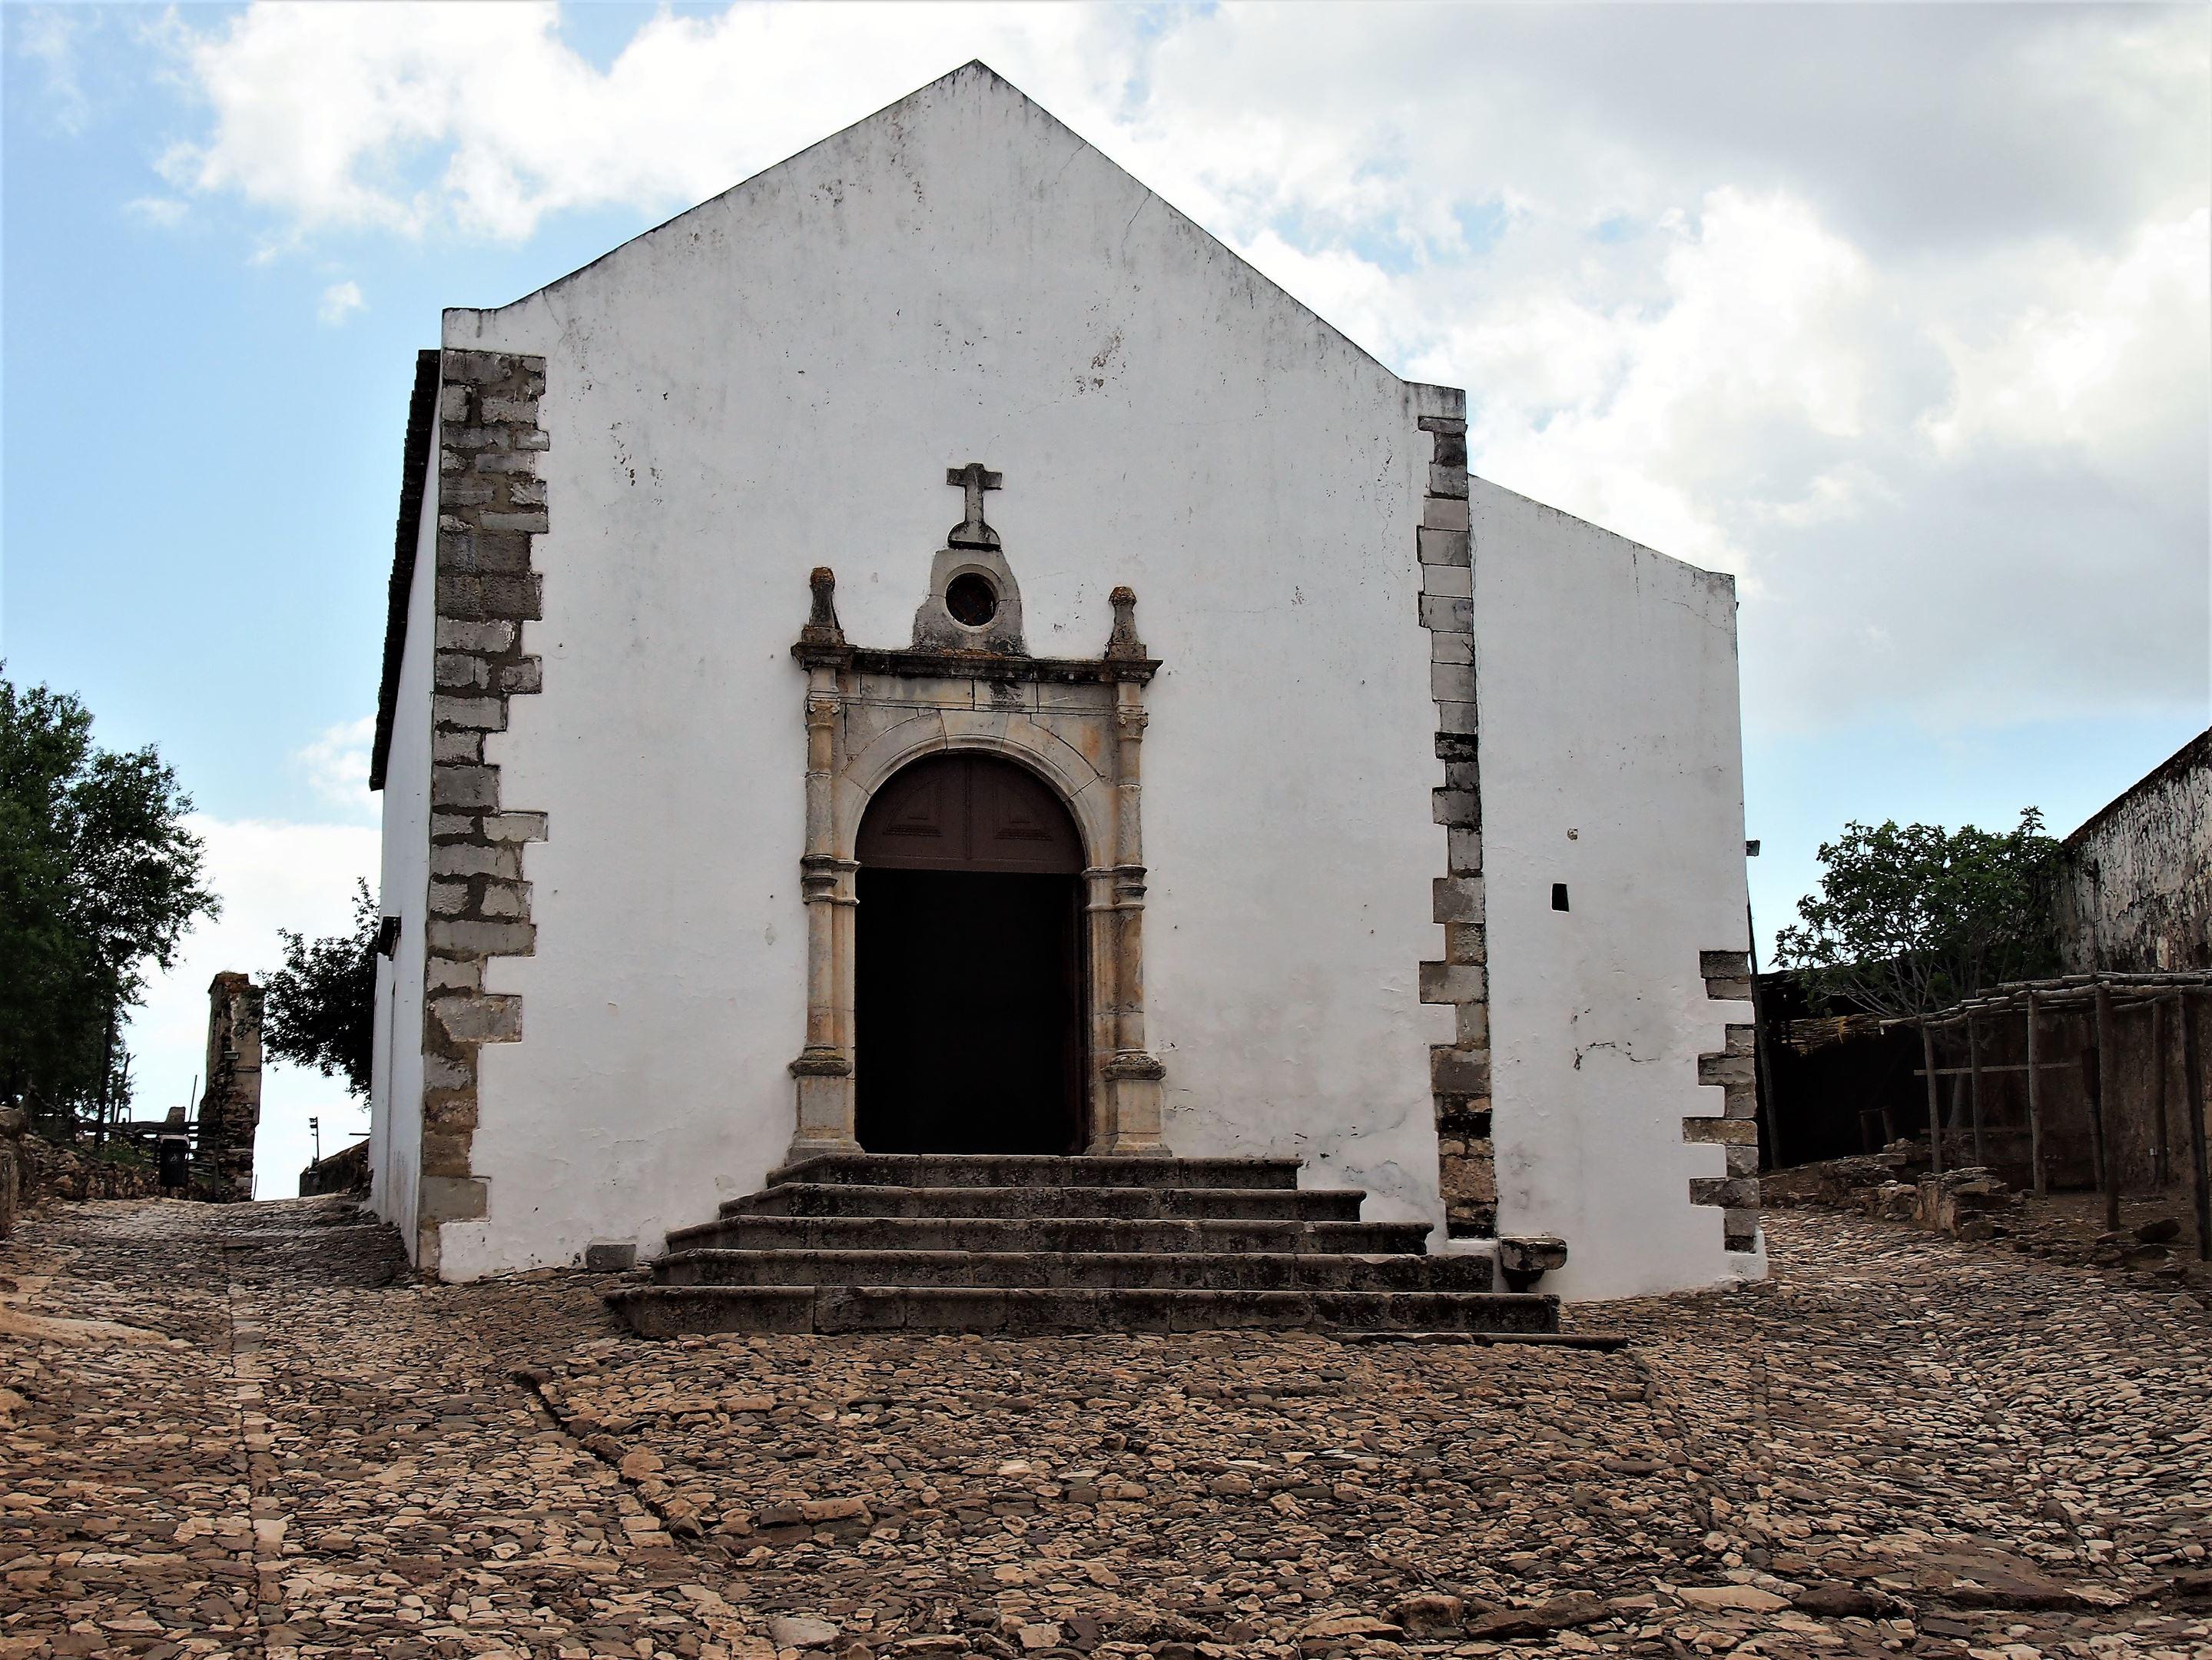 Igreja de Santiago - Construída no século XIV, está situada dentro do Castelo de Castro Marim.